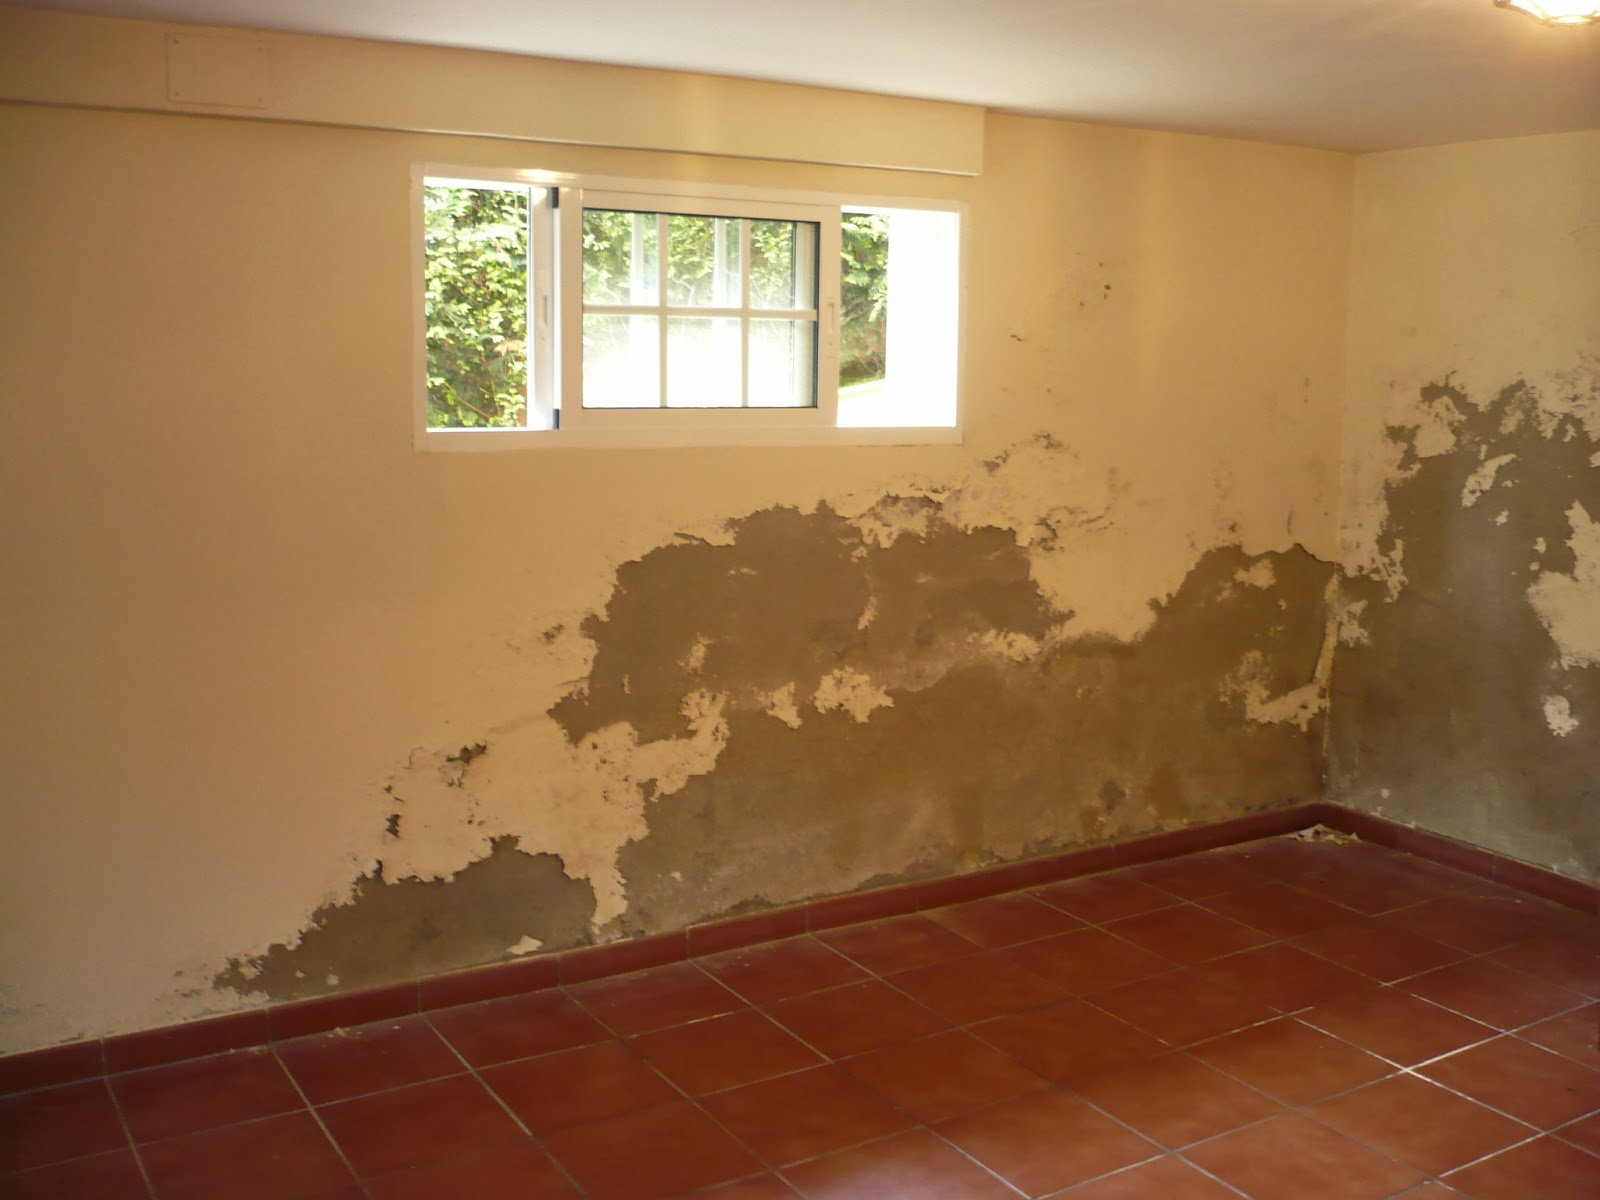 Humedades elim nalas t mismo - Quitar humedad pared ...